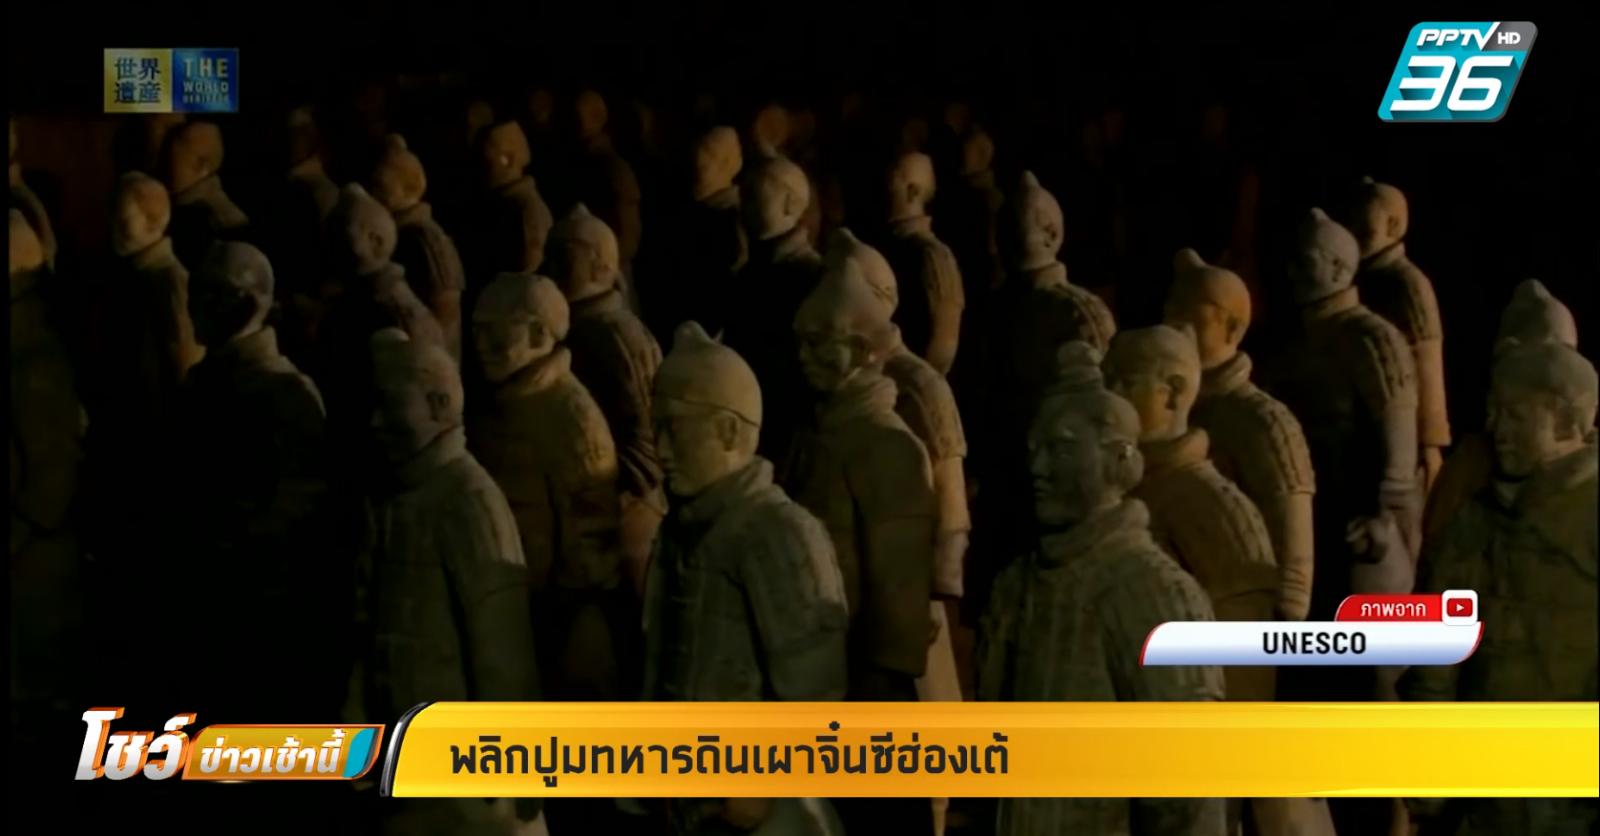 พลิกปูมทหารดินเผาจิ๋นซีฮ่องเต